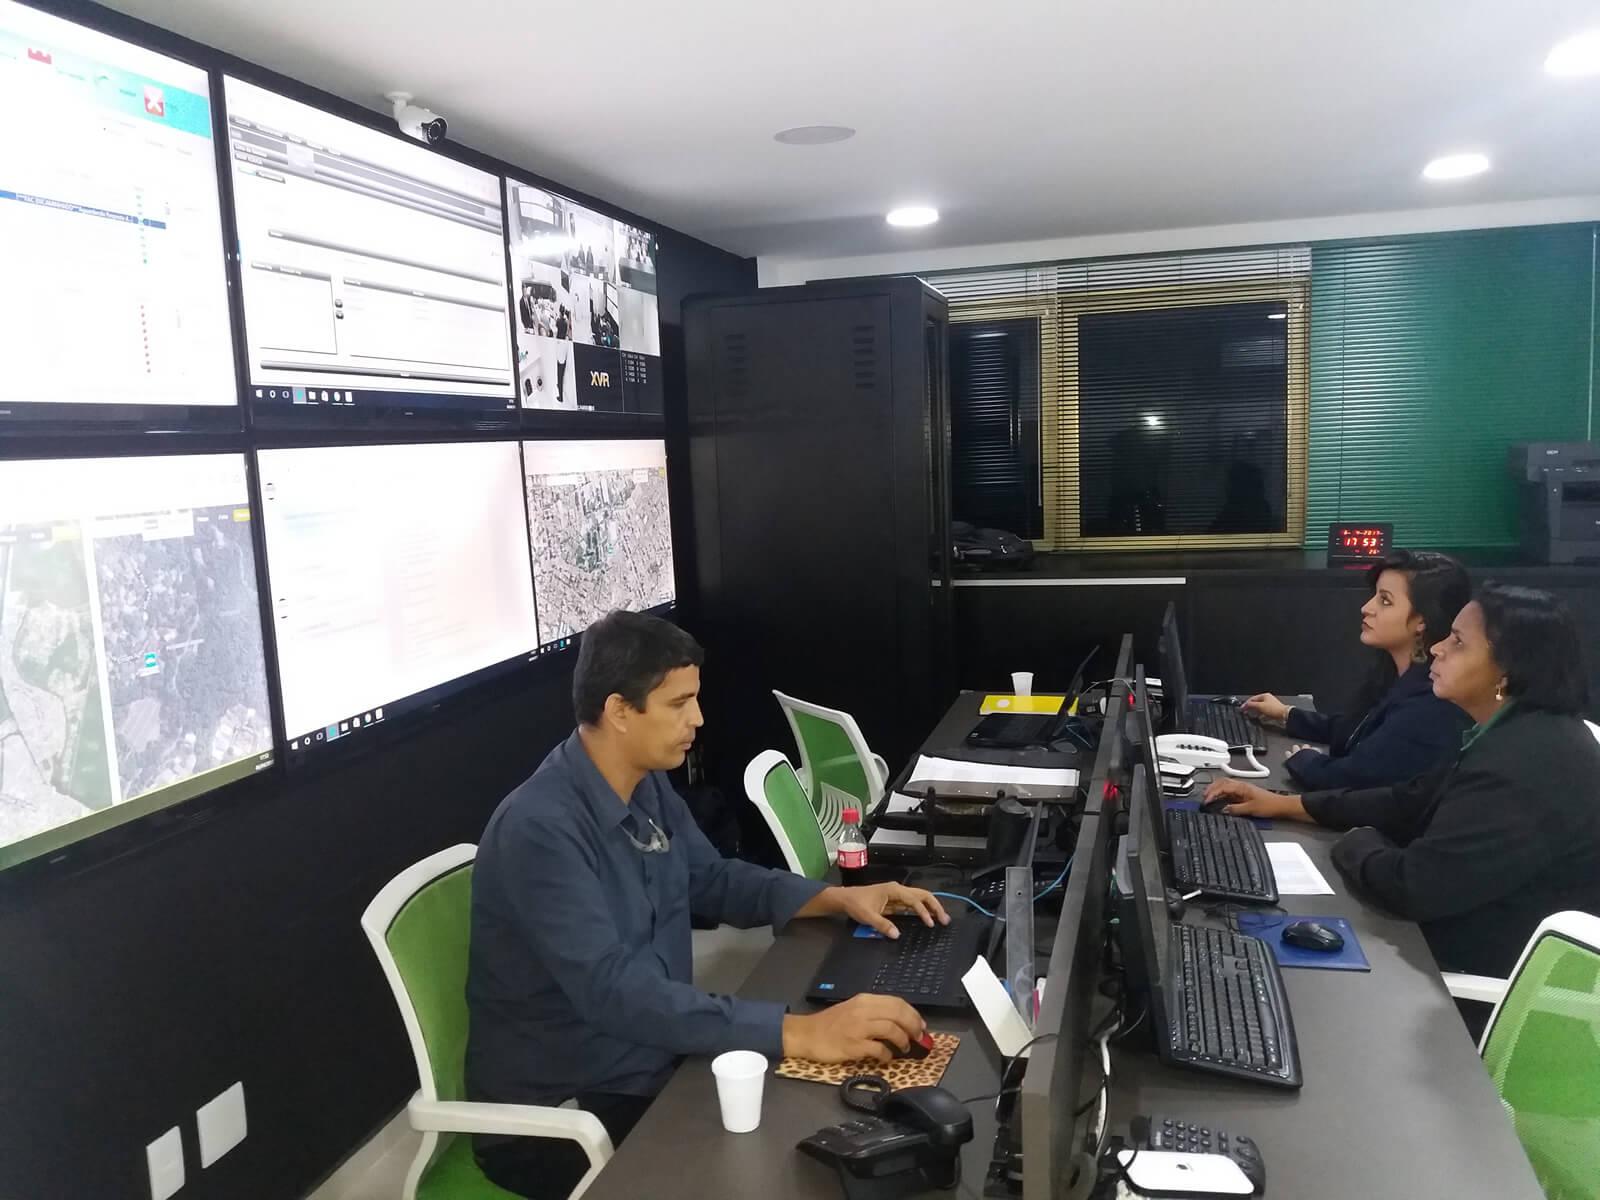 Fundo 3 -Informeservice - Segurança e Eletronica